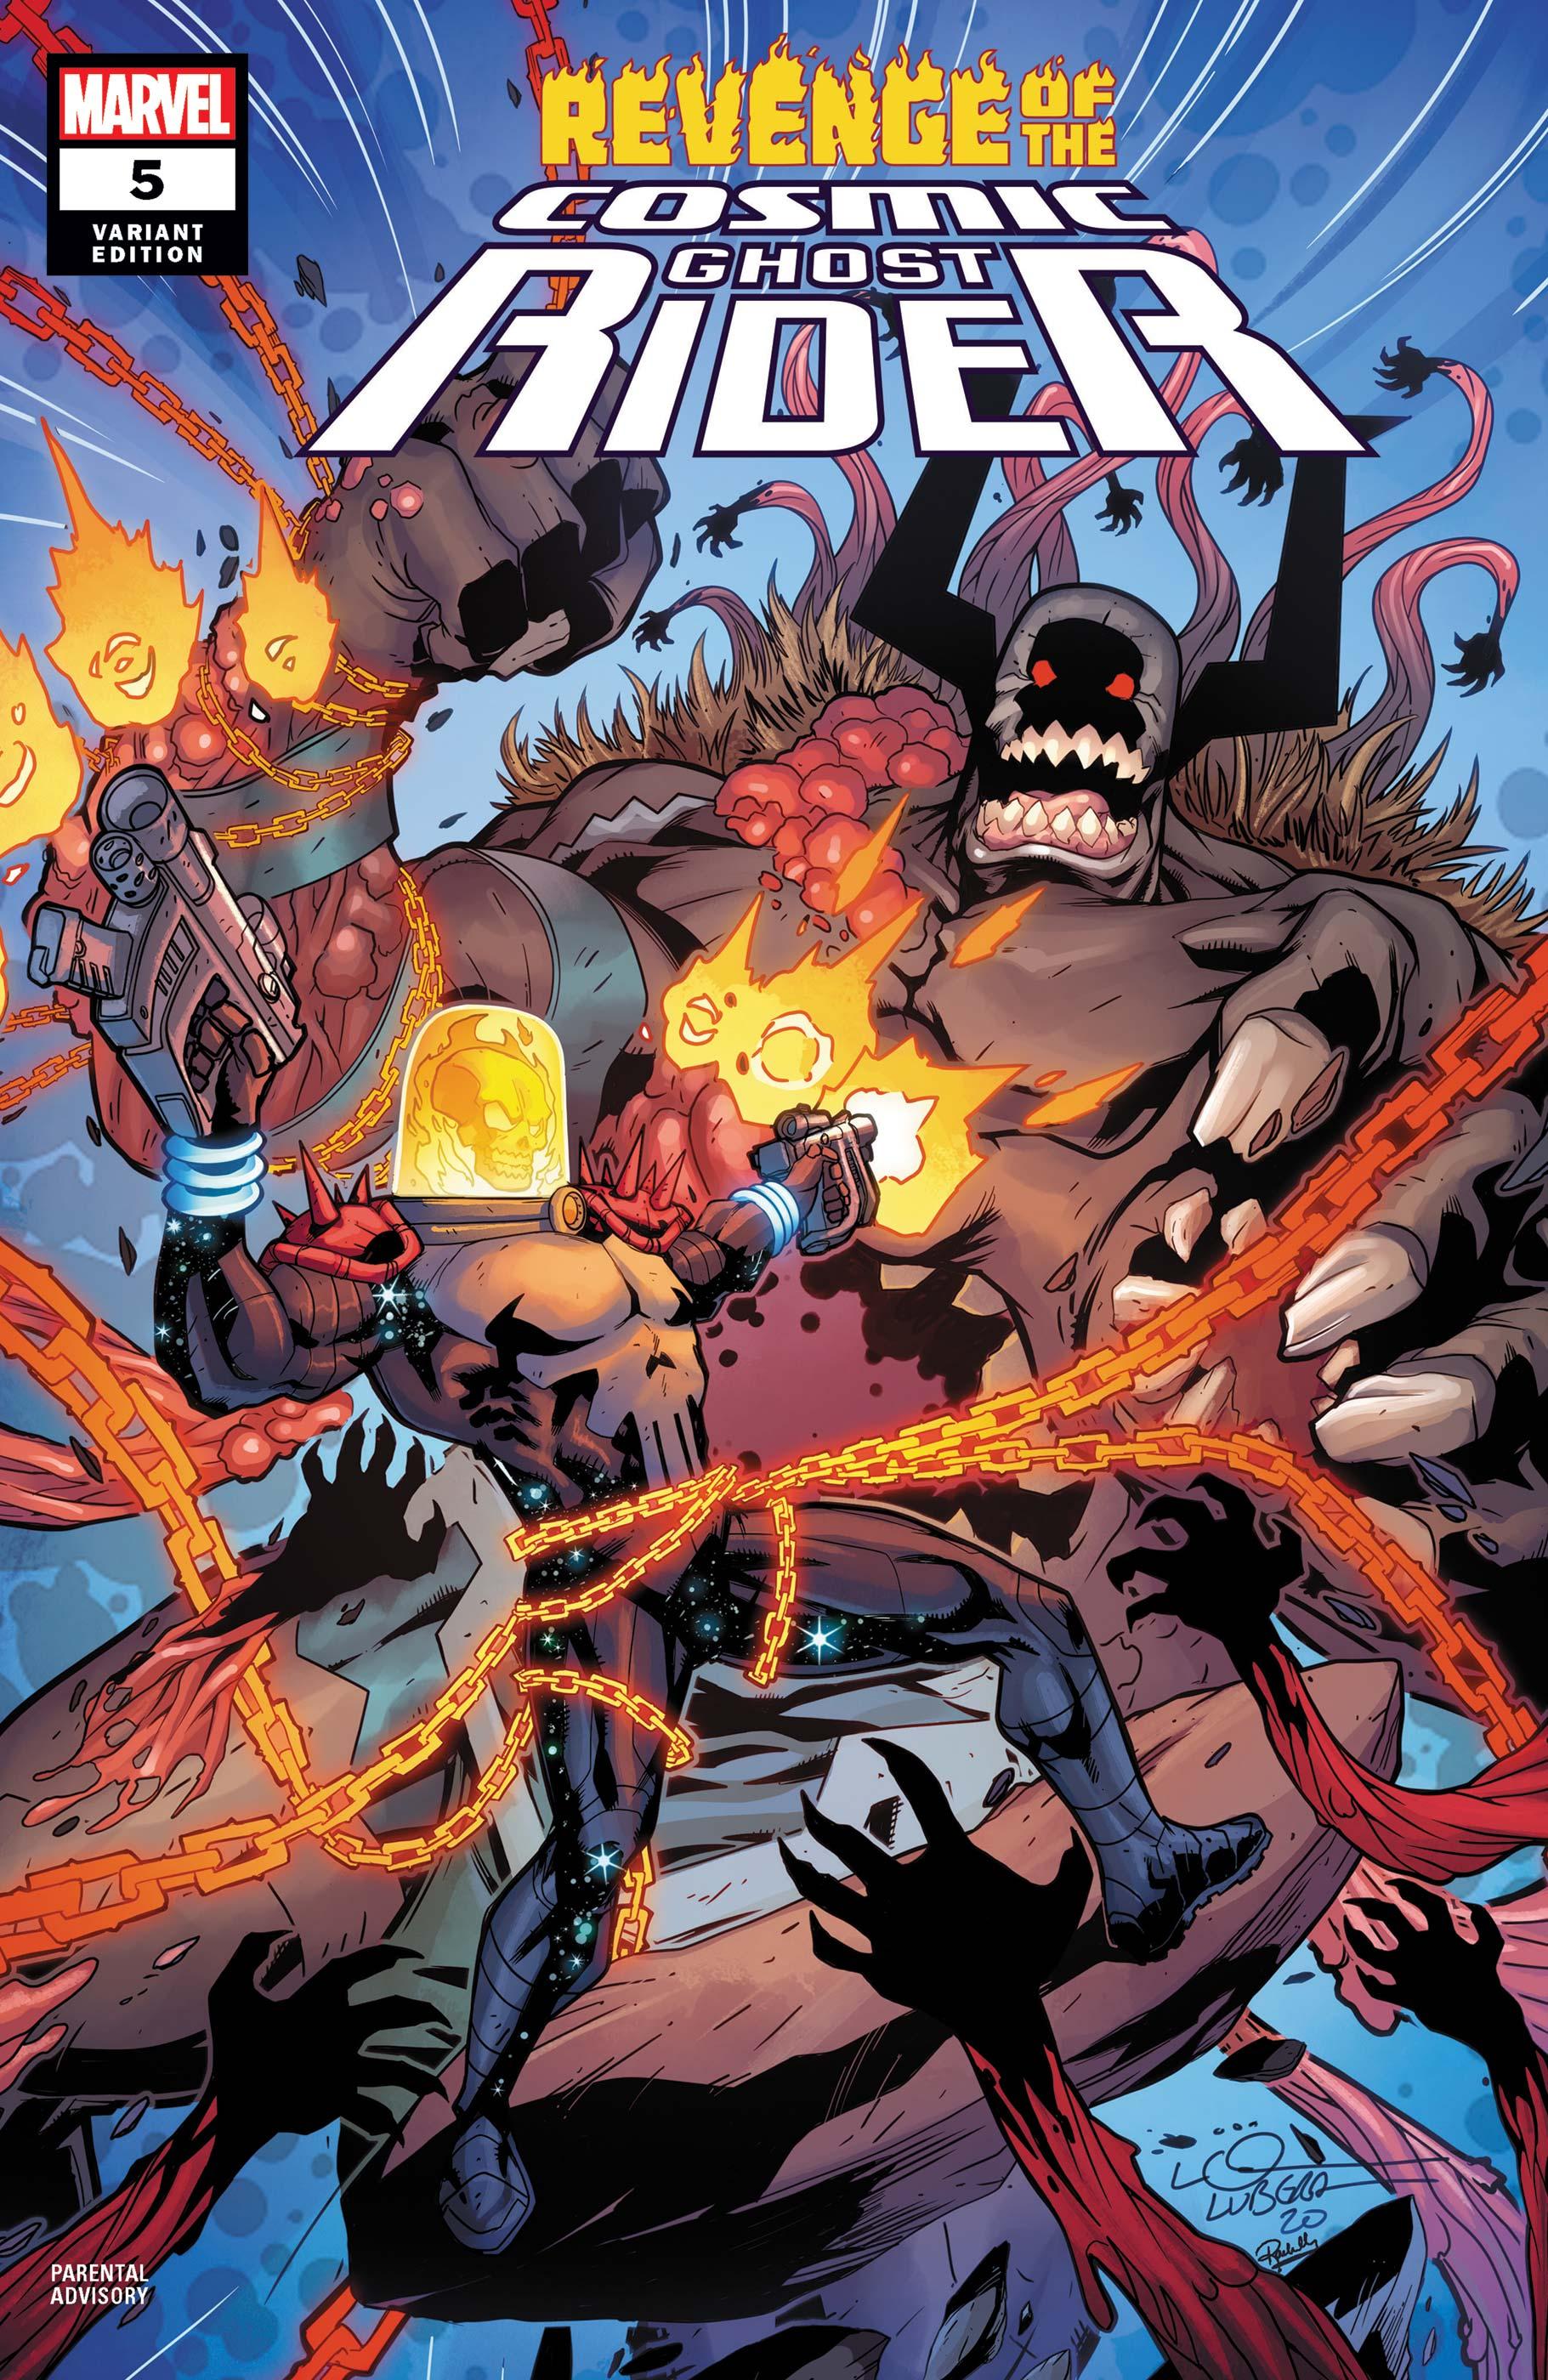 Revenge of the Cosmic Ghost Rider (2019) #5 (Variant)